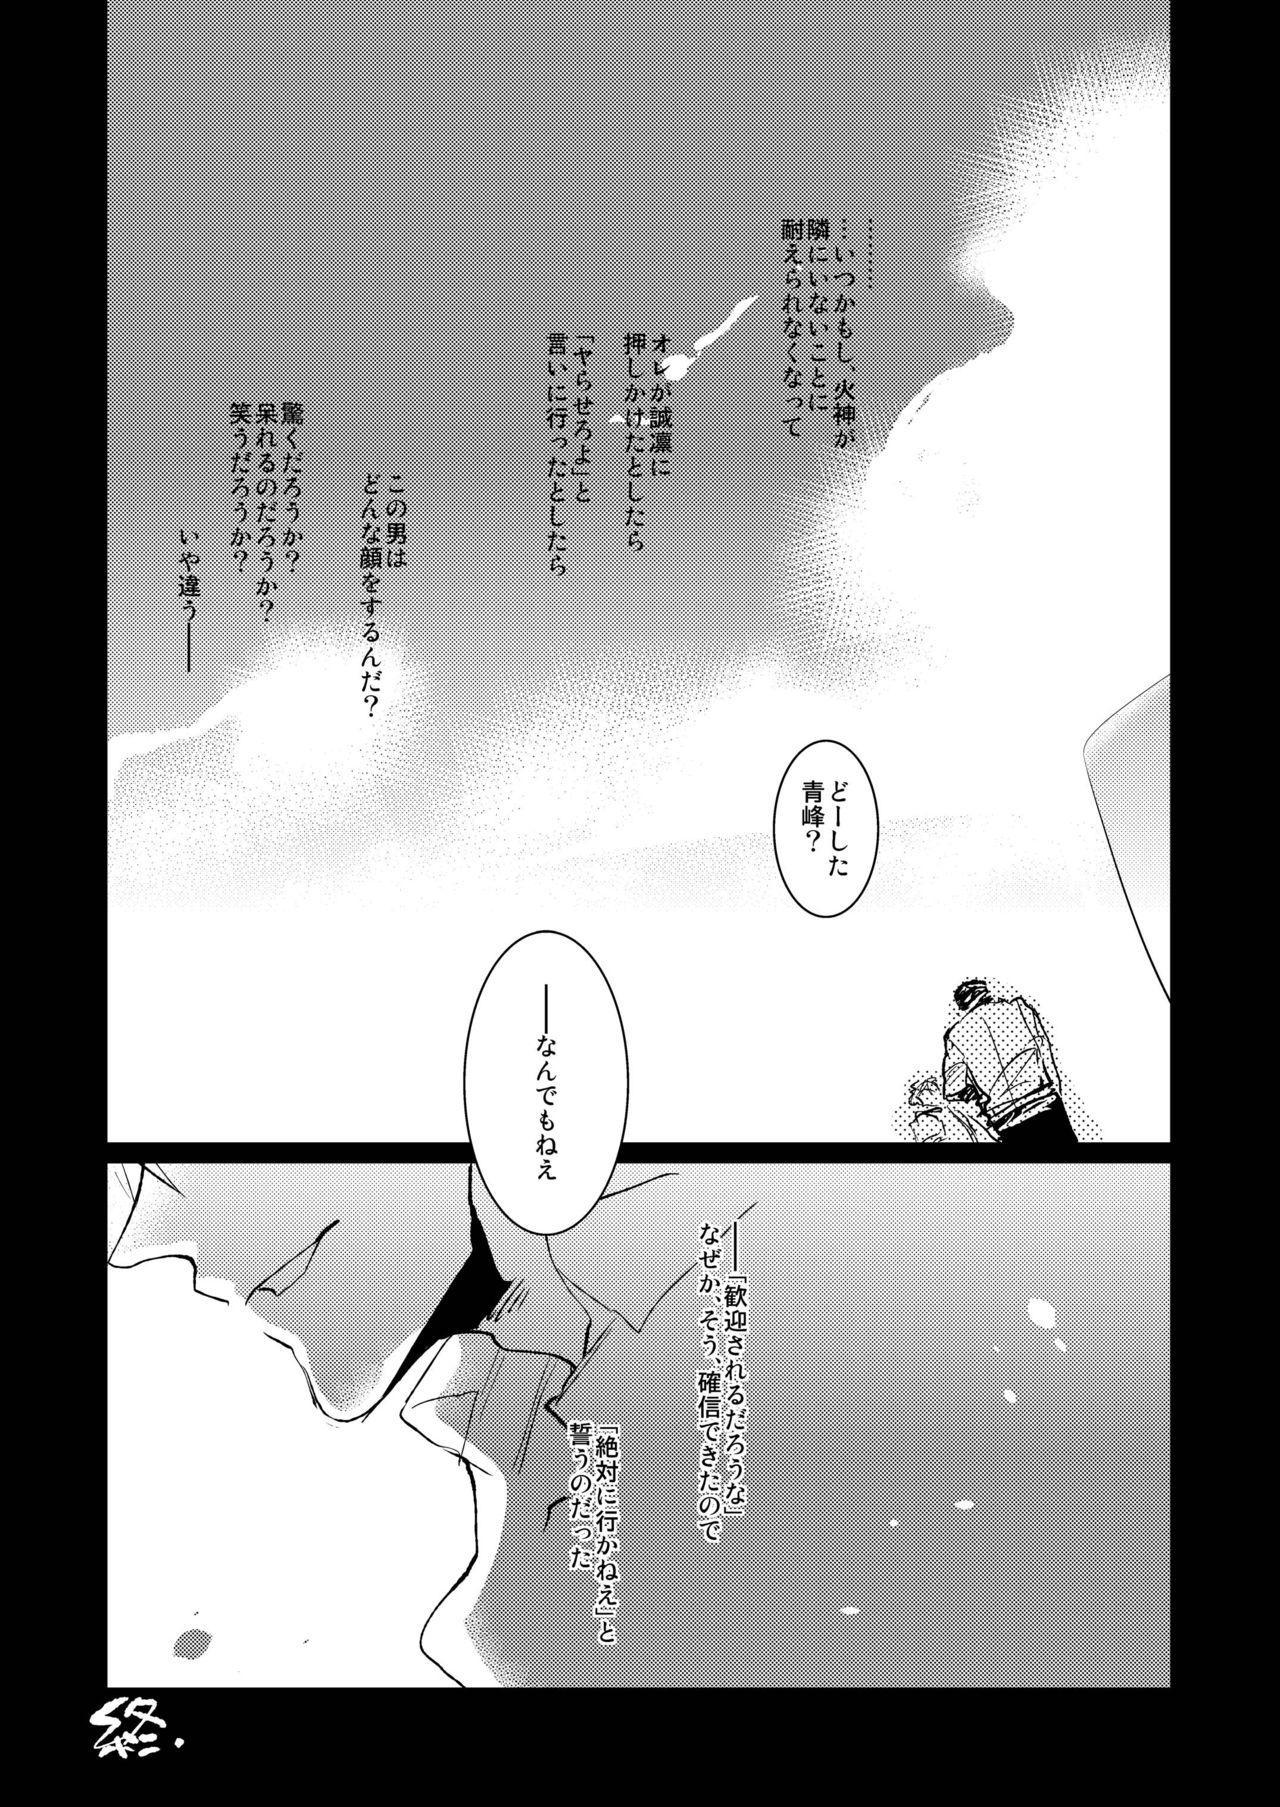 Kagami-kun no Ero hon 9 Ippatsuyara Sete Kure! 31